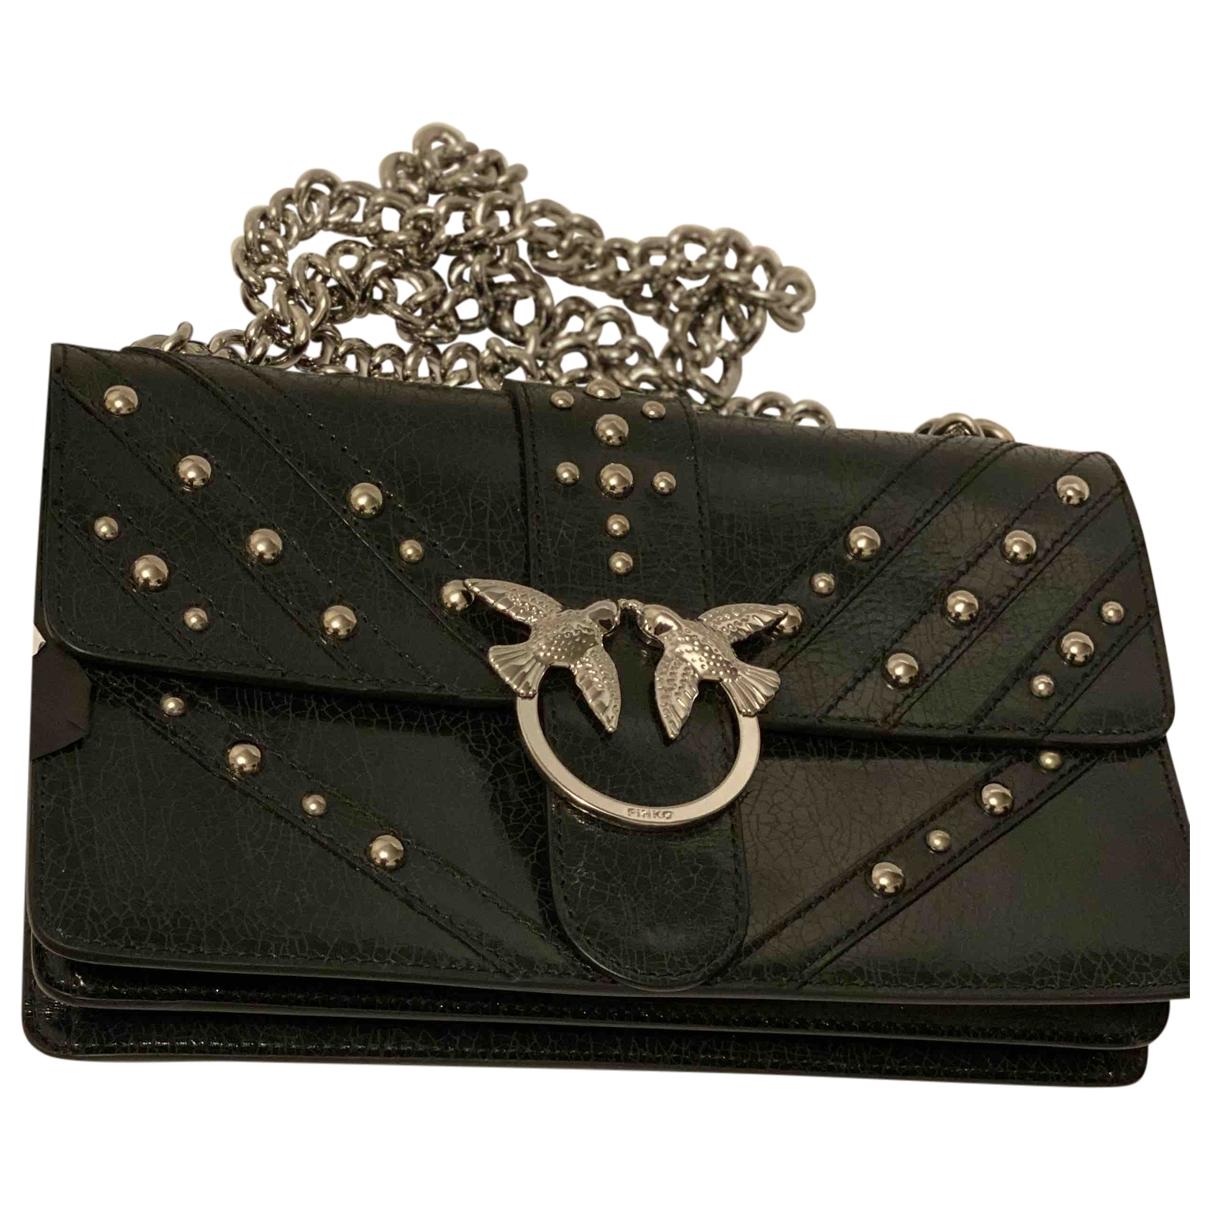 Pinko - Sac a main Love Bag pour femme en cuir - noir